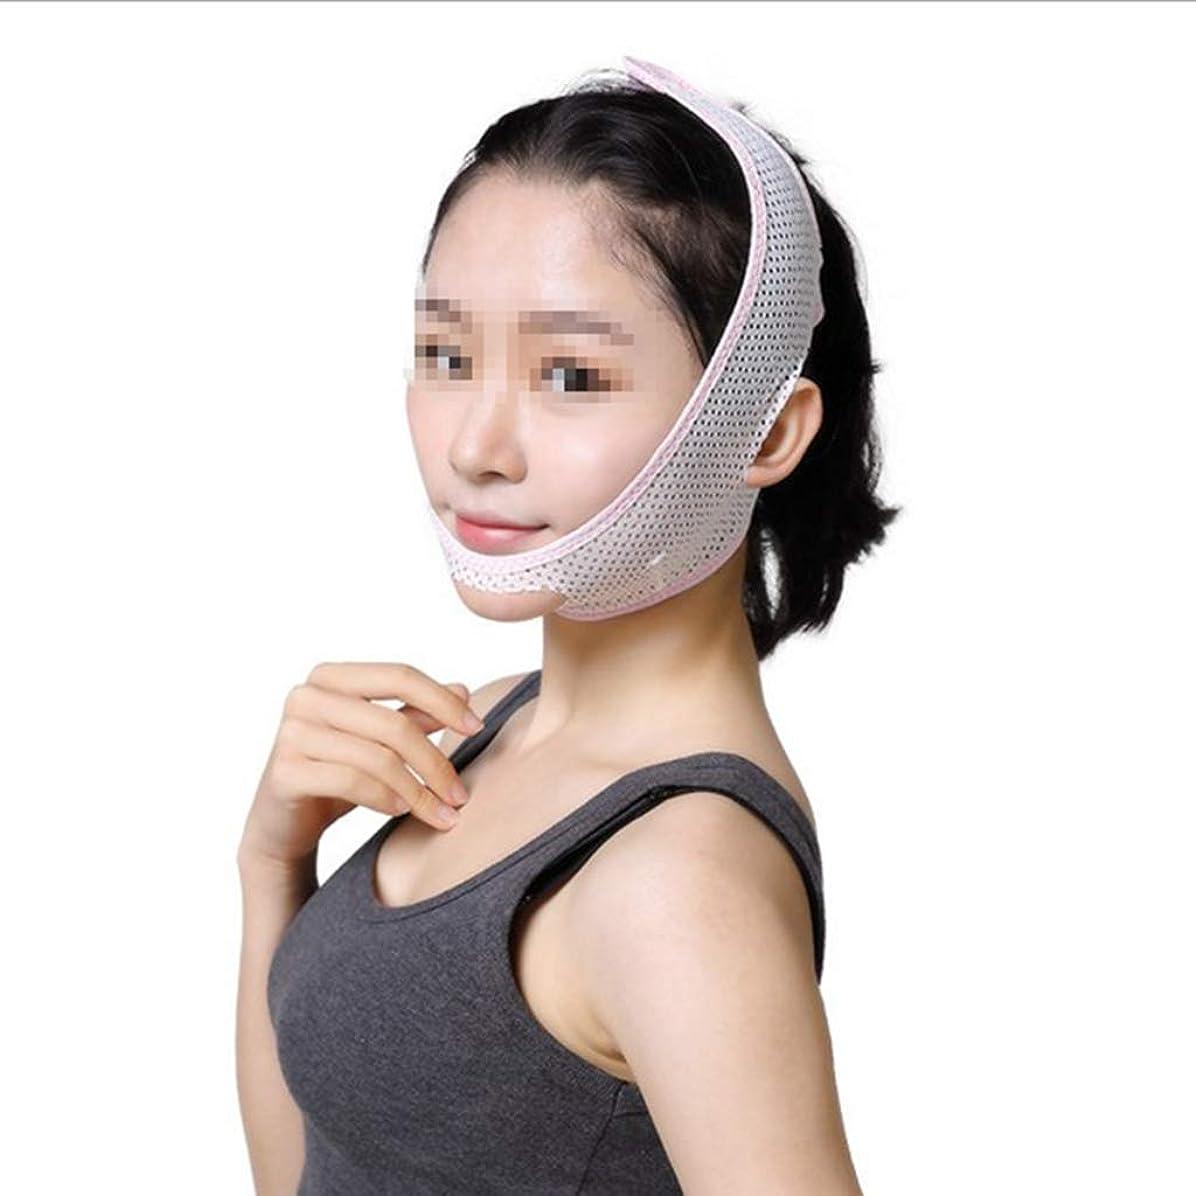 歴史的立ち寄る熱意XHLMRMJ 超薄型通気性フェイスマスク、包帯Vフェイスマスクフェイスリフティングファーミングダブルチンシンフェイスベルト (Size : M)